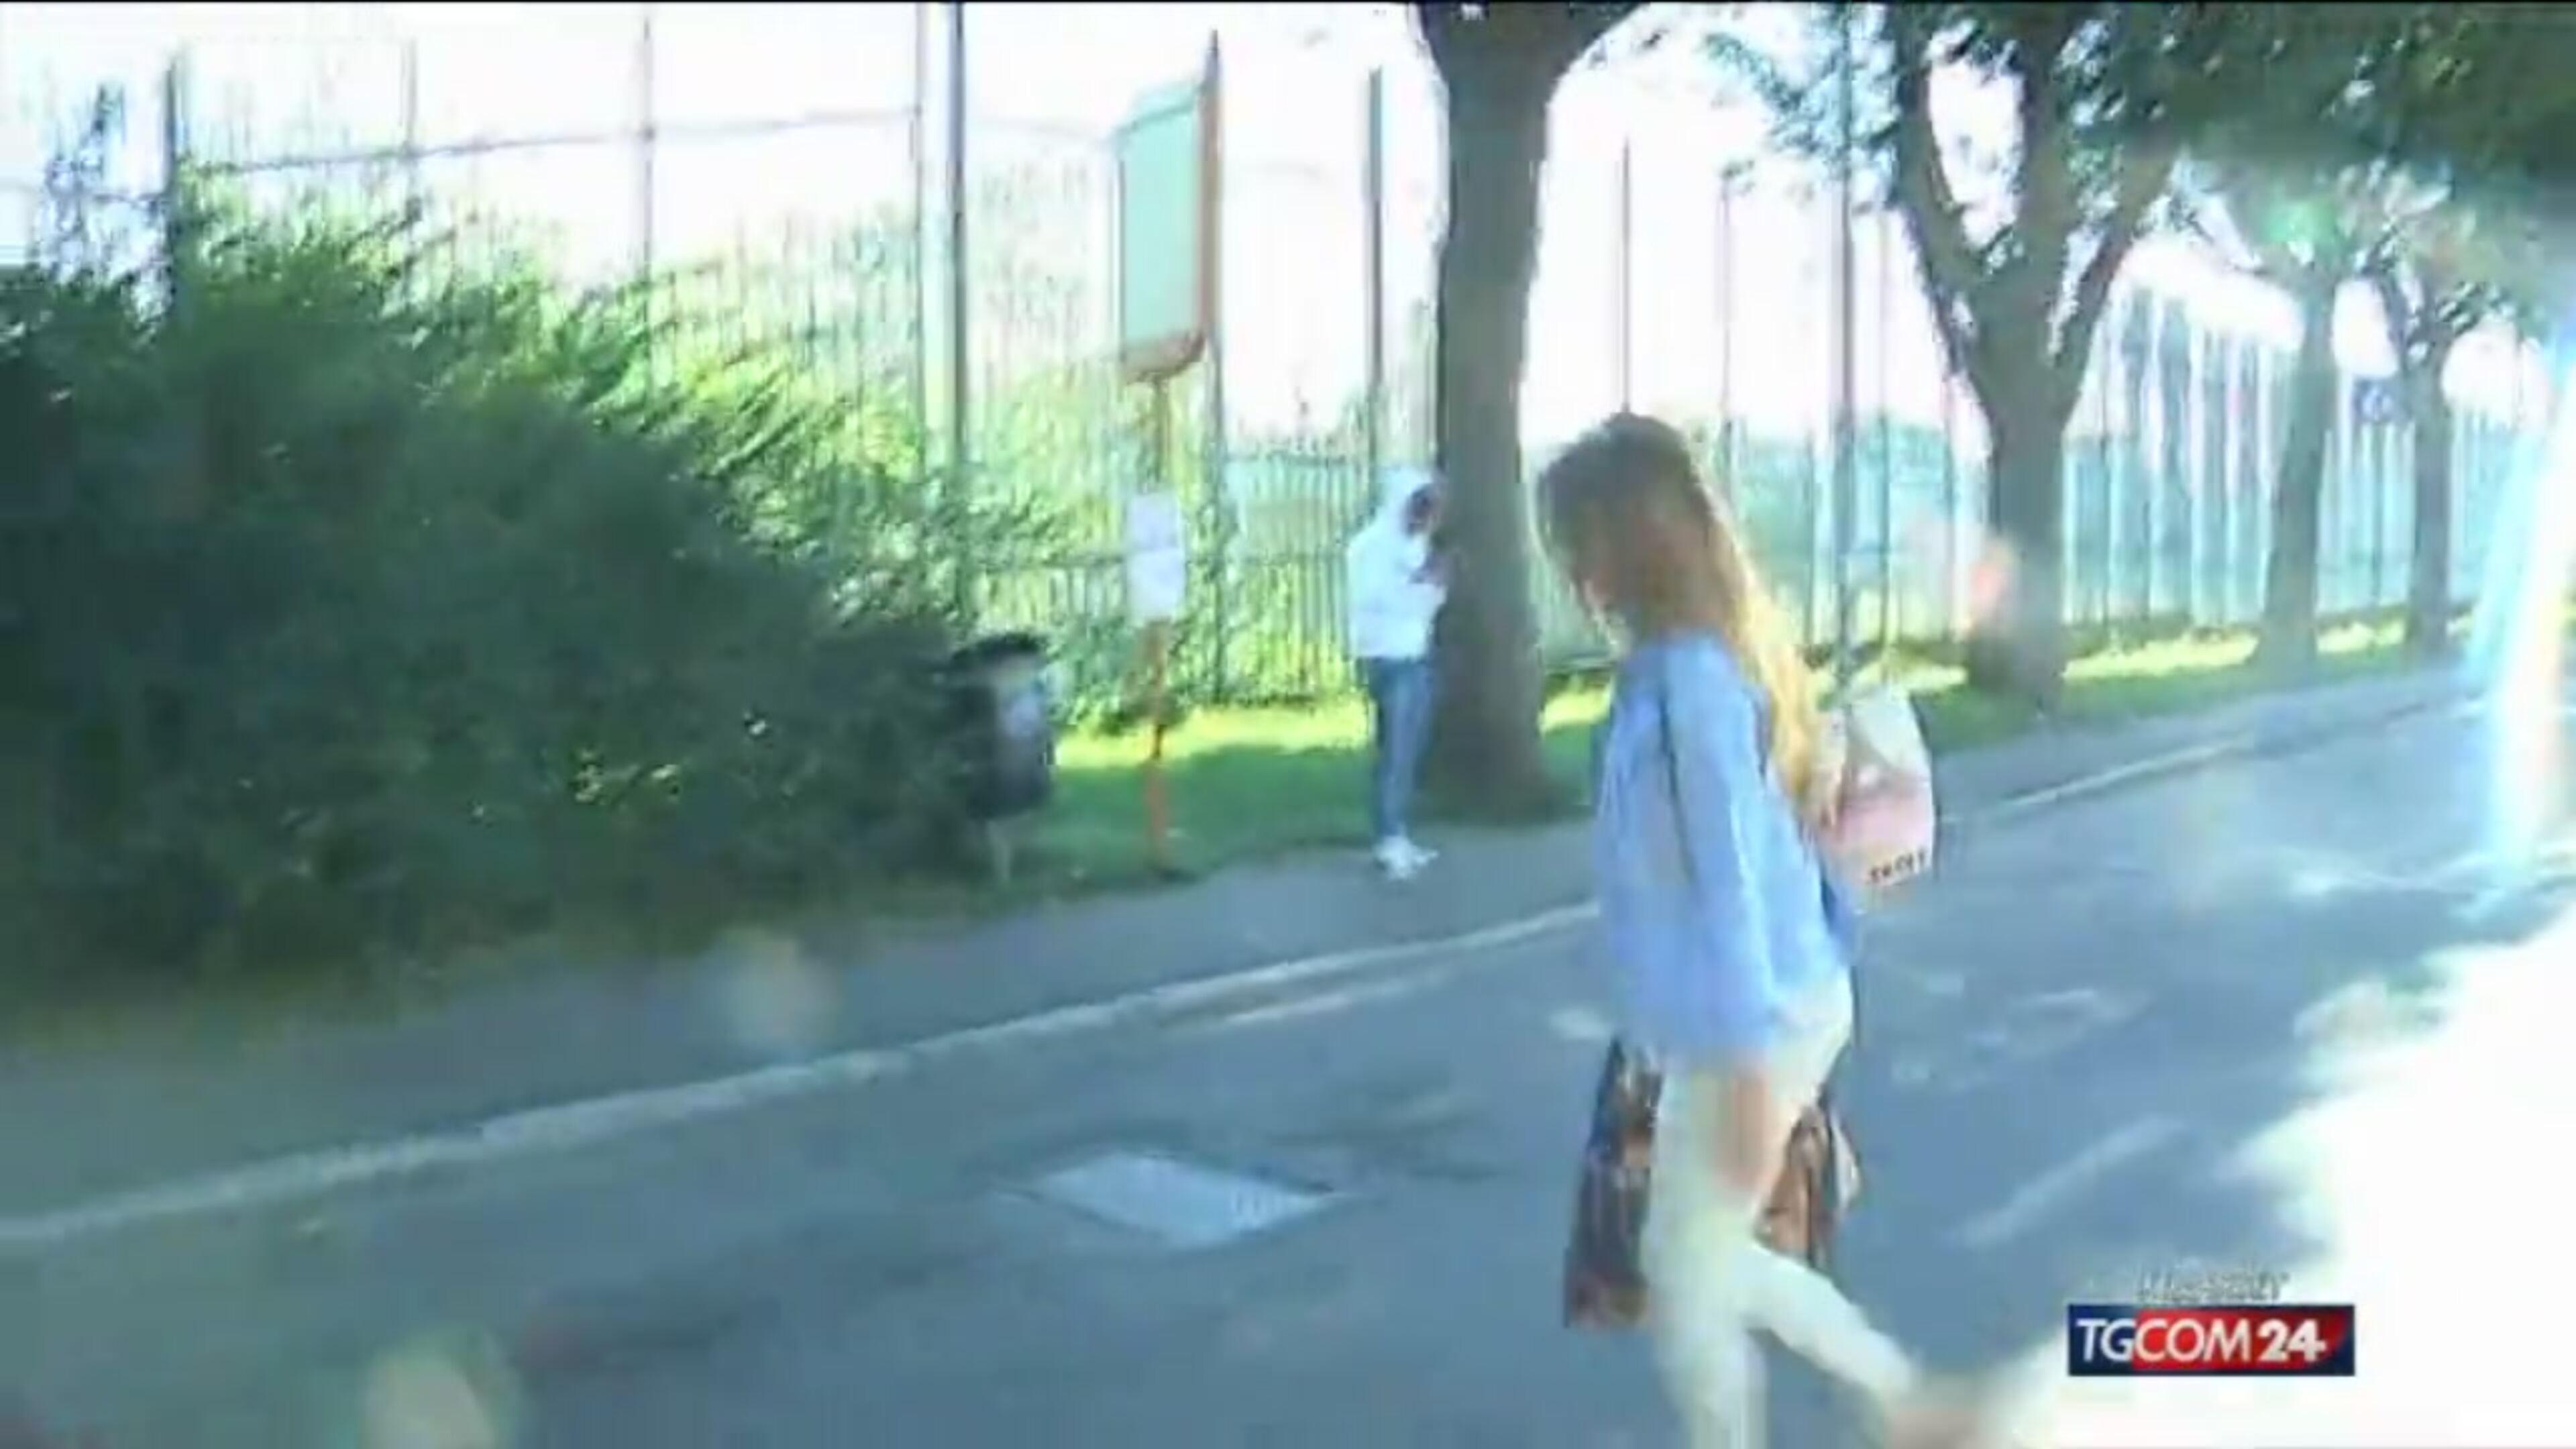 Video tgcom24 yara la moglie di bossetti visita il - Video marito porta la moglie a scopare ...